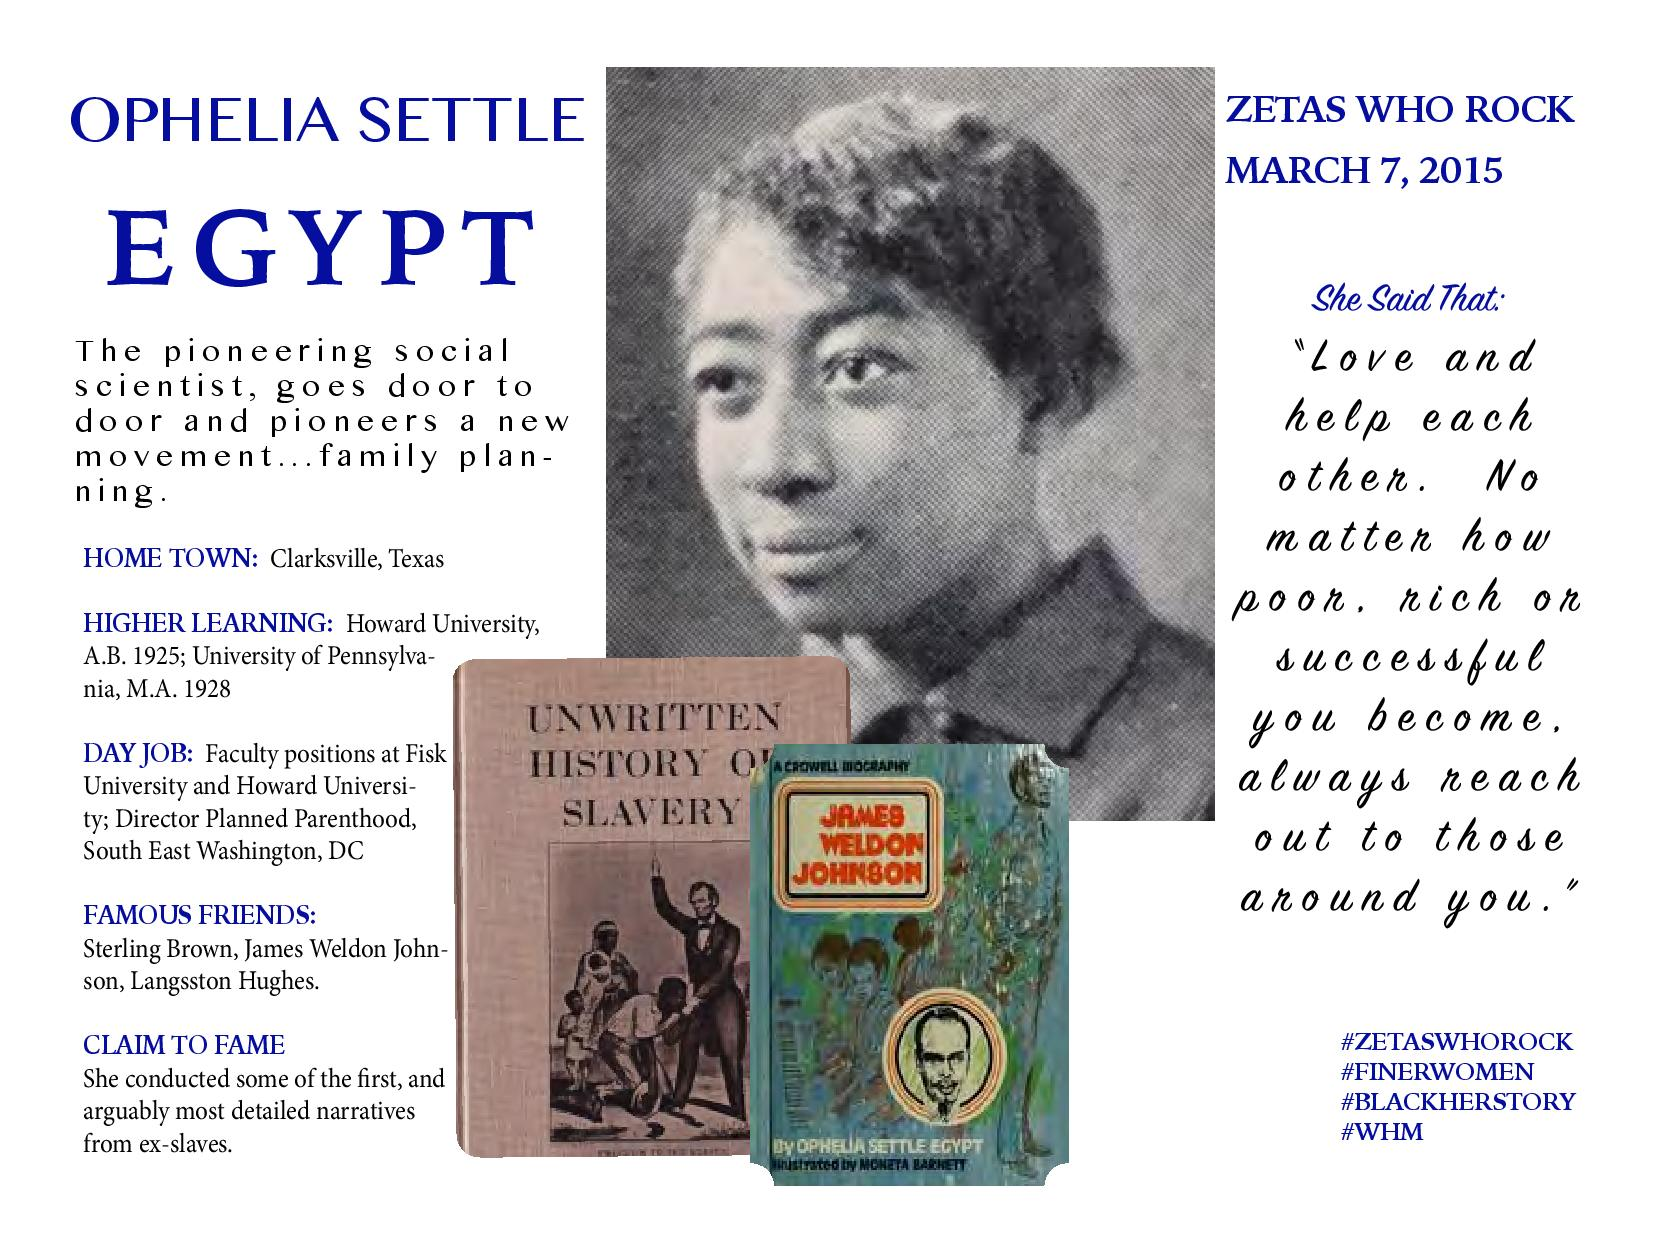 Ophelia Settle Egypt